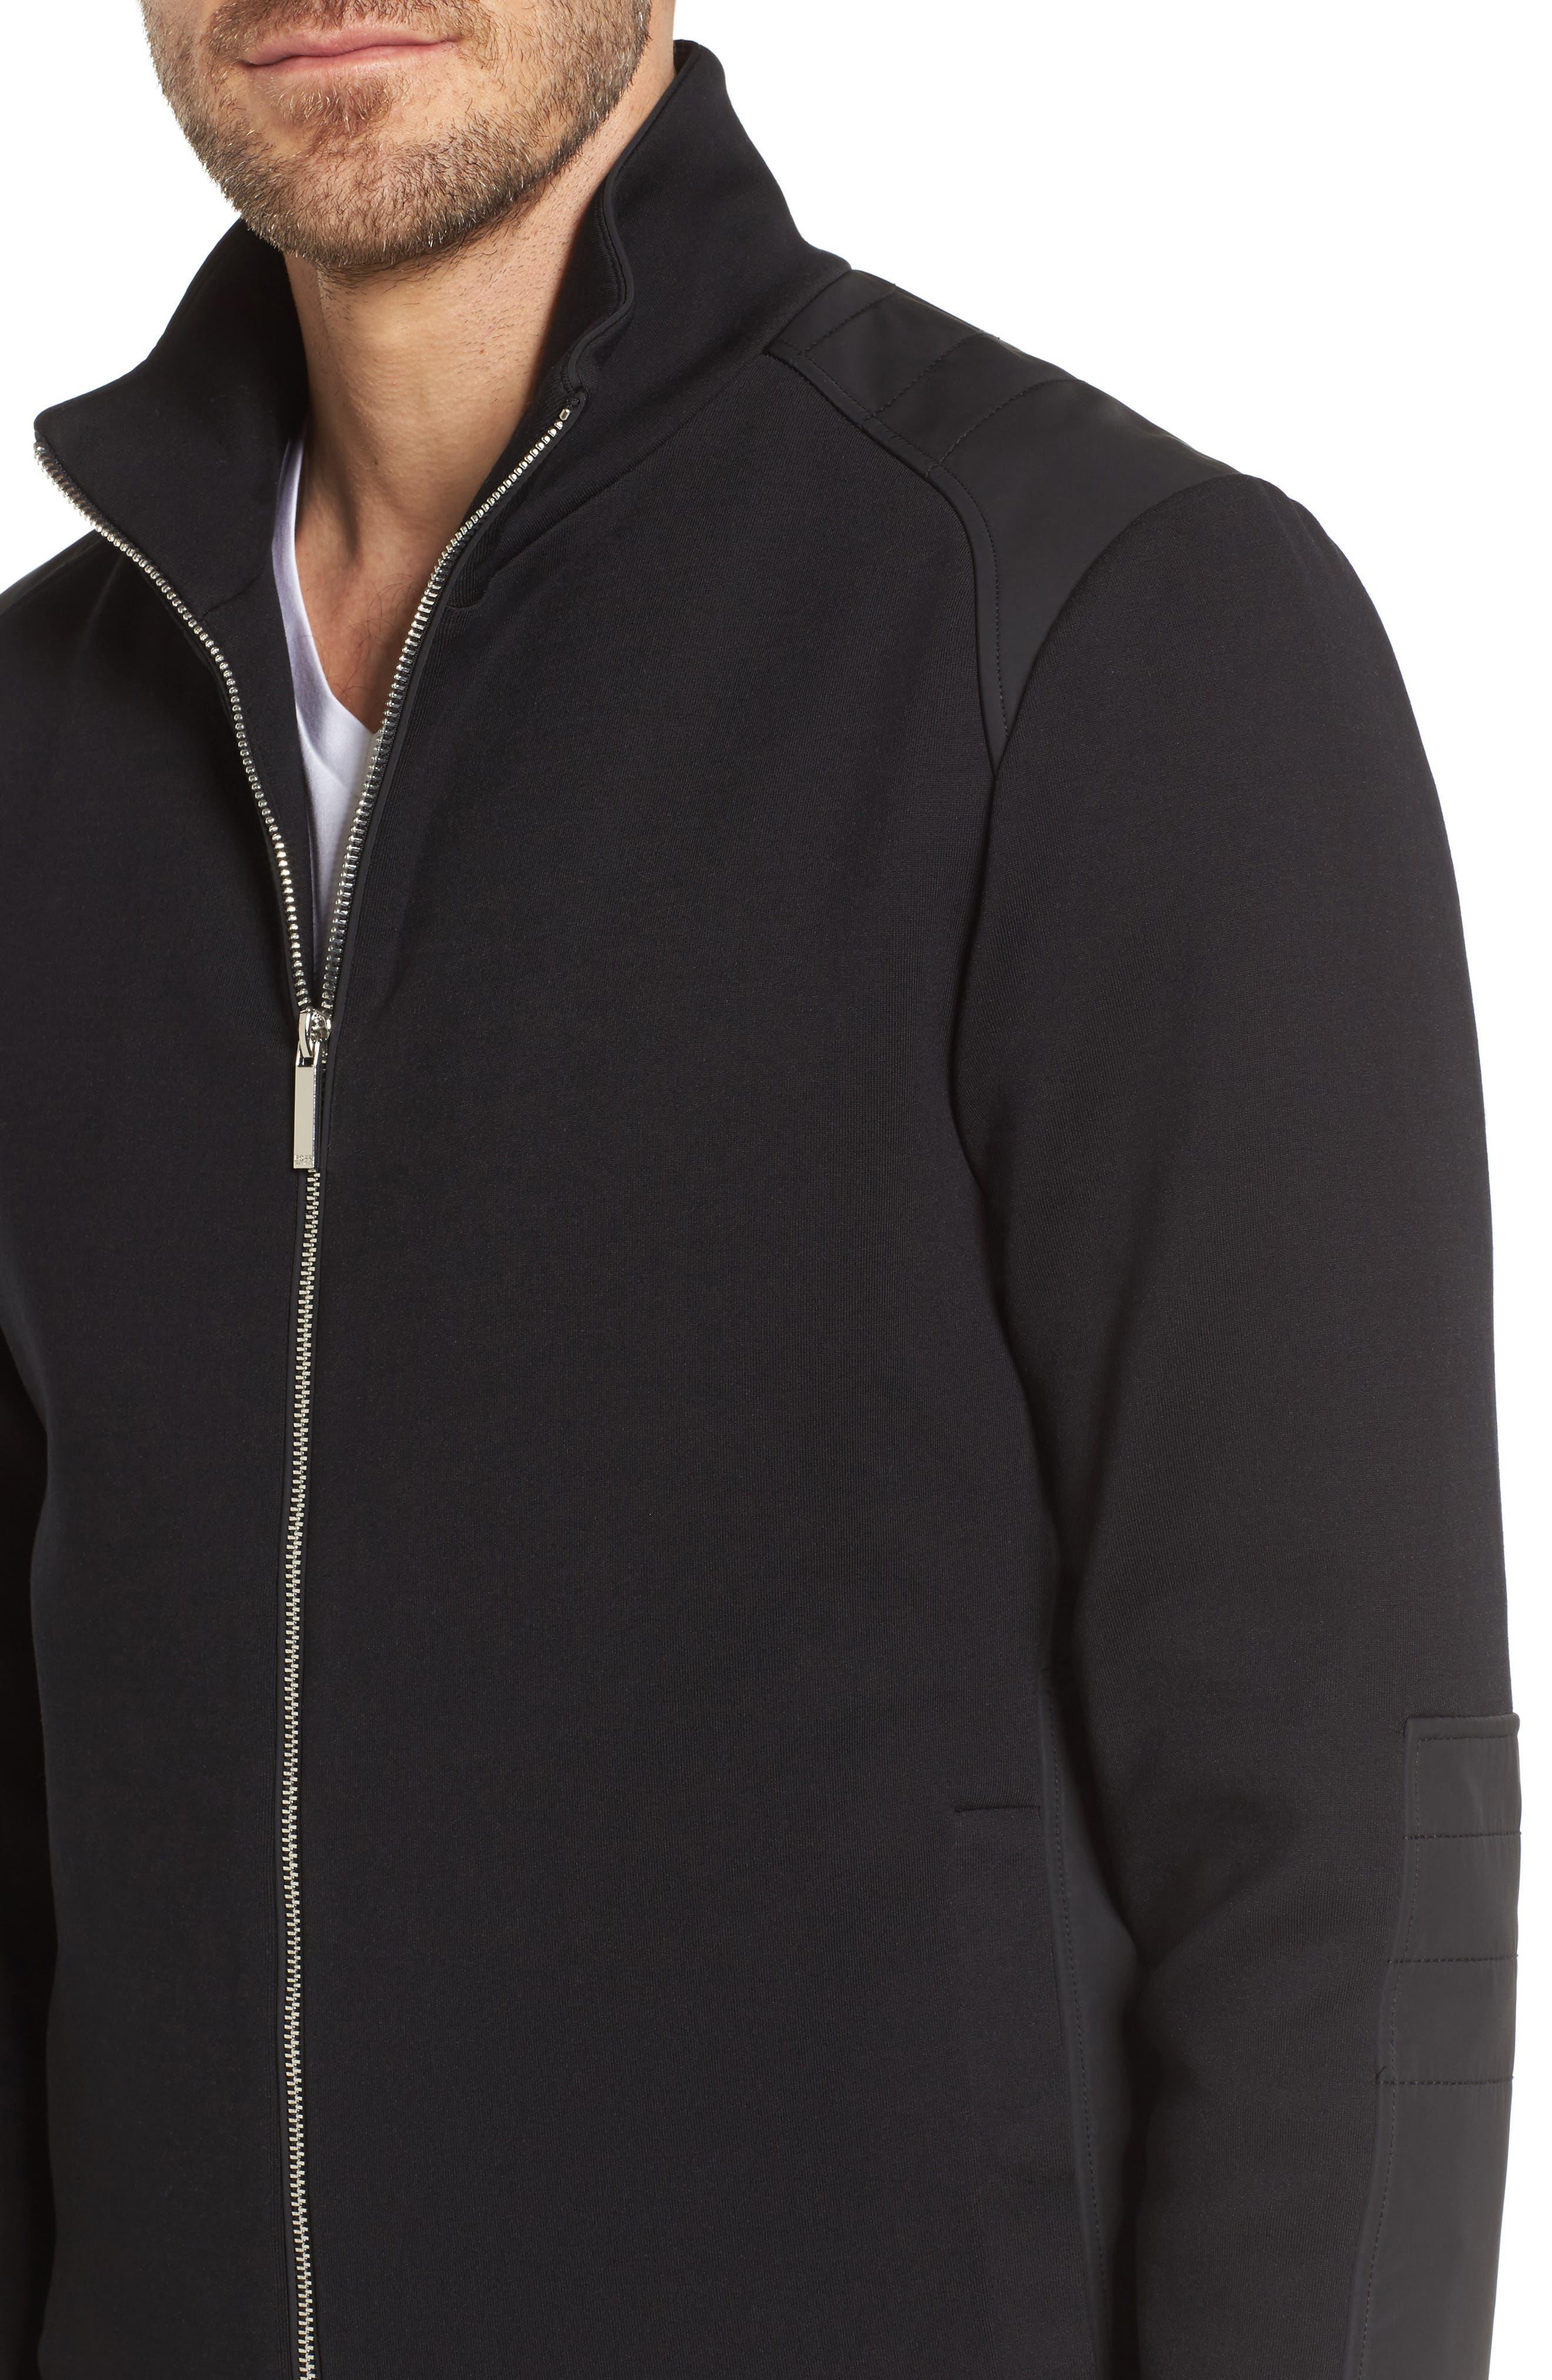 Soule Mercedes Slim Fit Zip Jacket,                             Alternate thumbnail 4, color,                             001